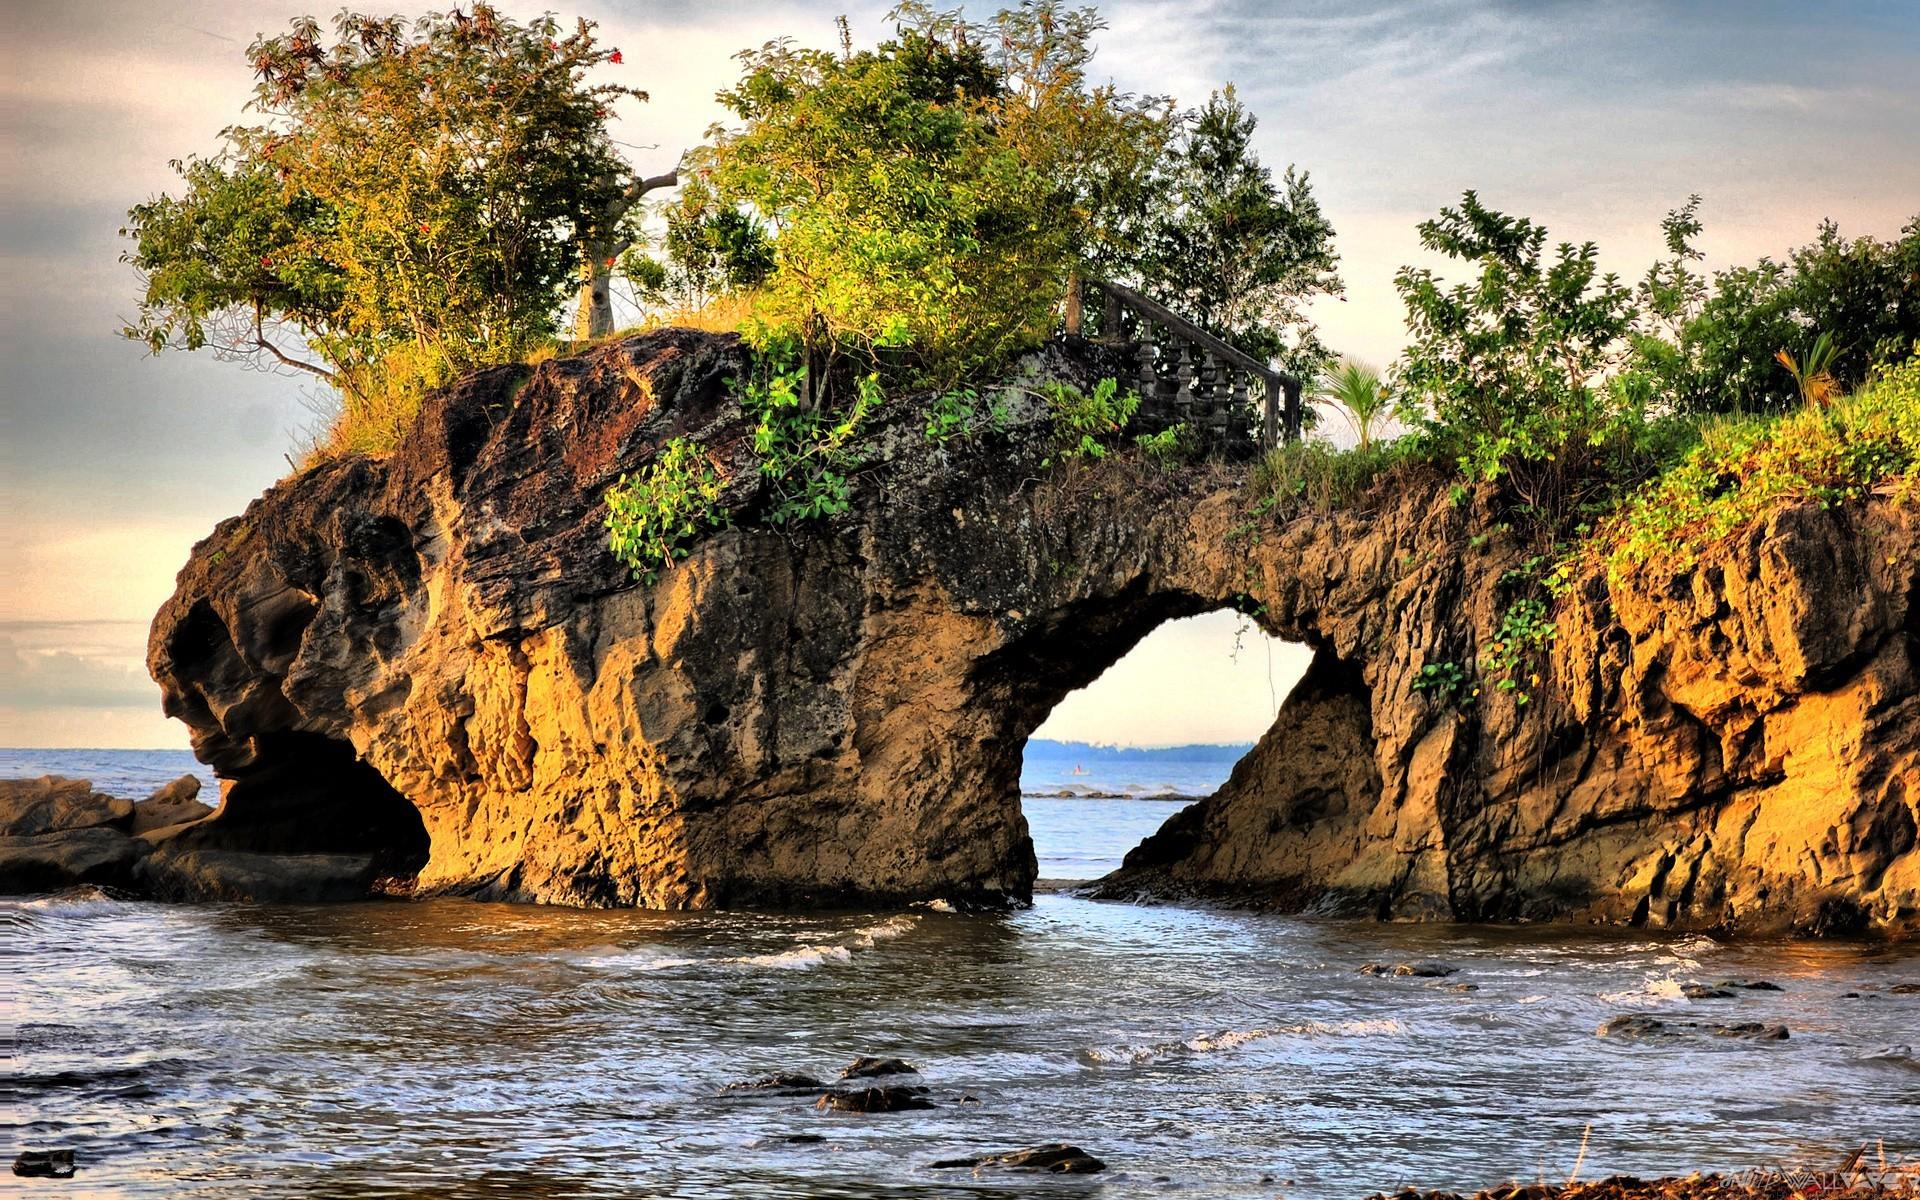 Desktop Nexus Nature Background Images 8163 – HD Wallpapers Site